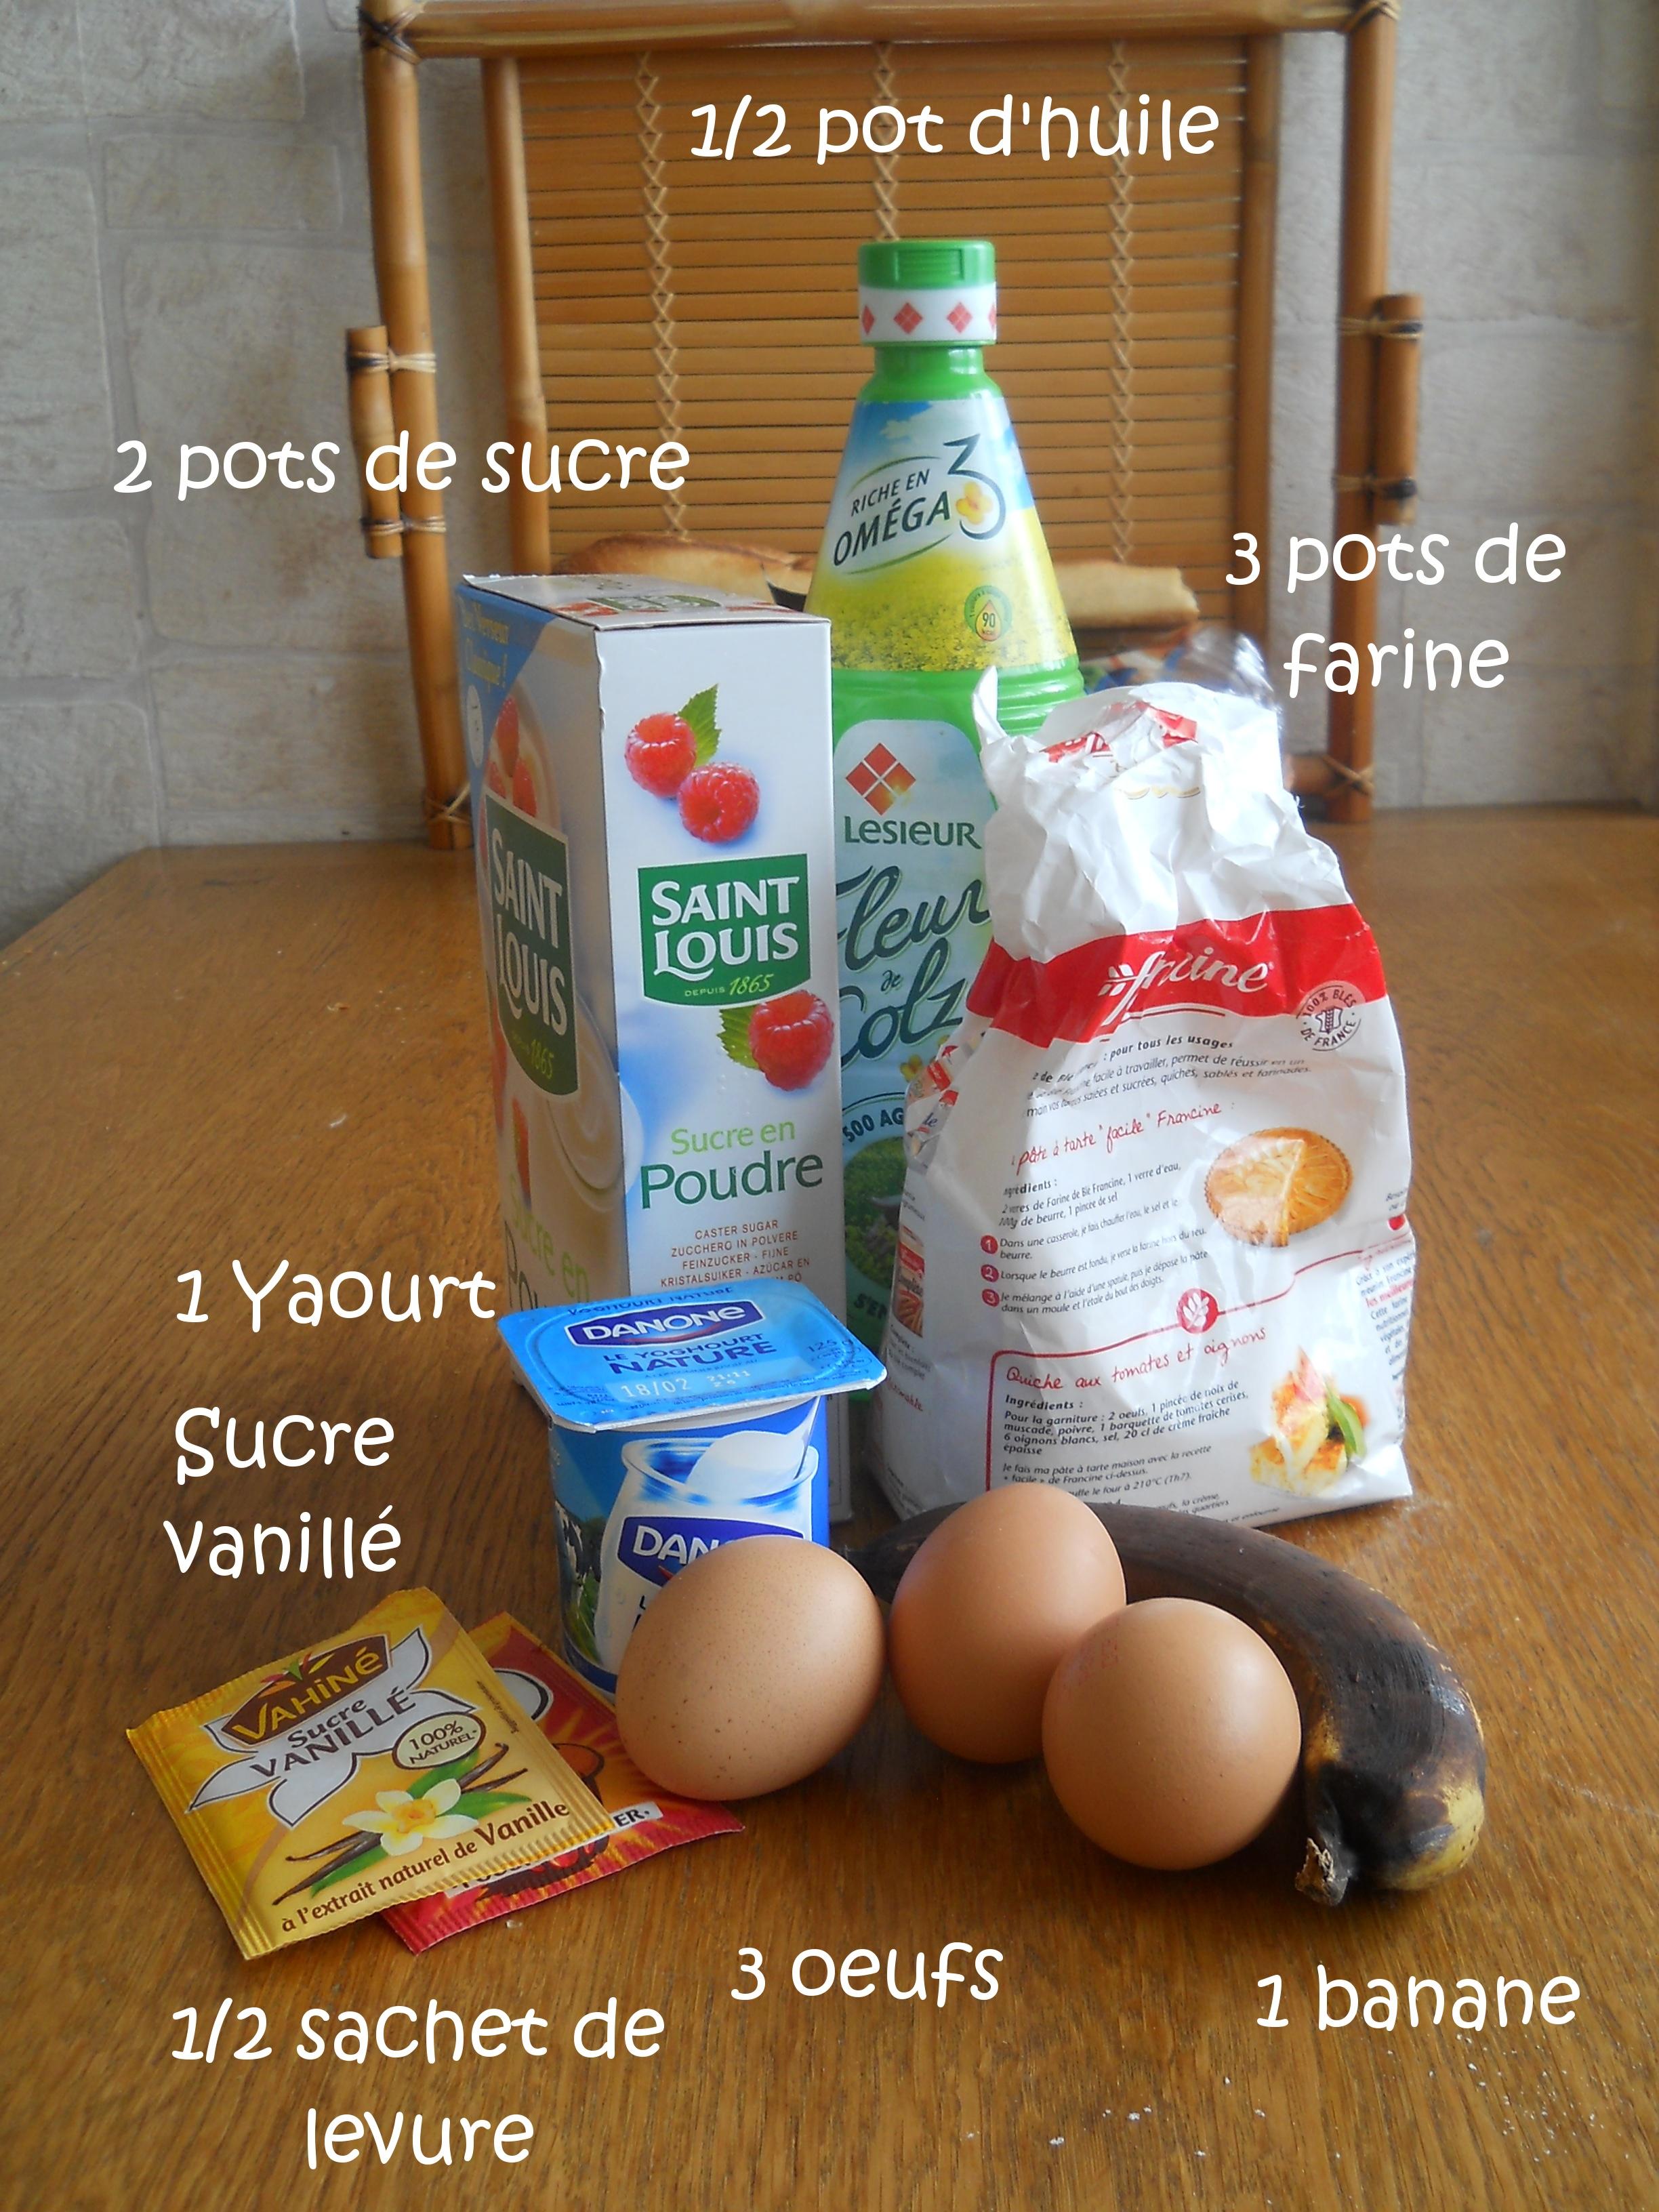 Recette sp ciale pour la journ e mondiale du nutella for Beurre en special cette semaine